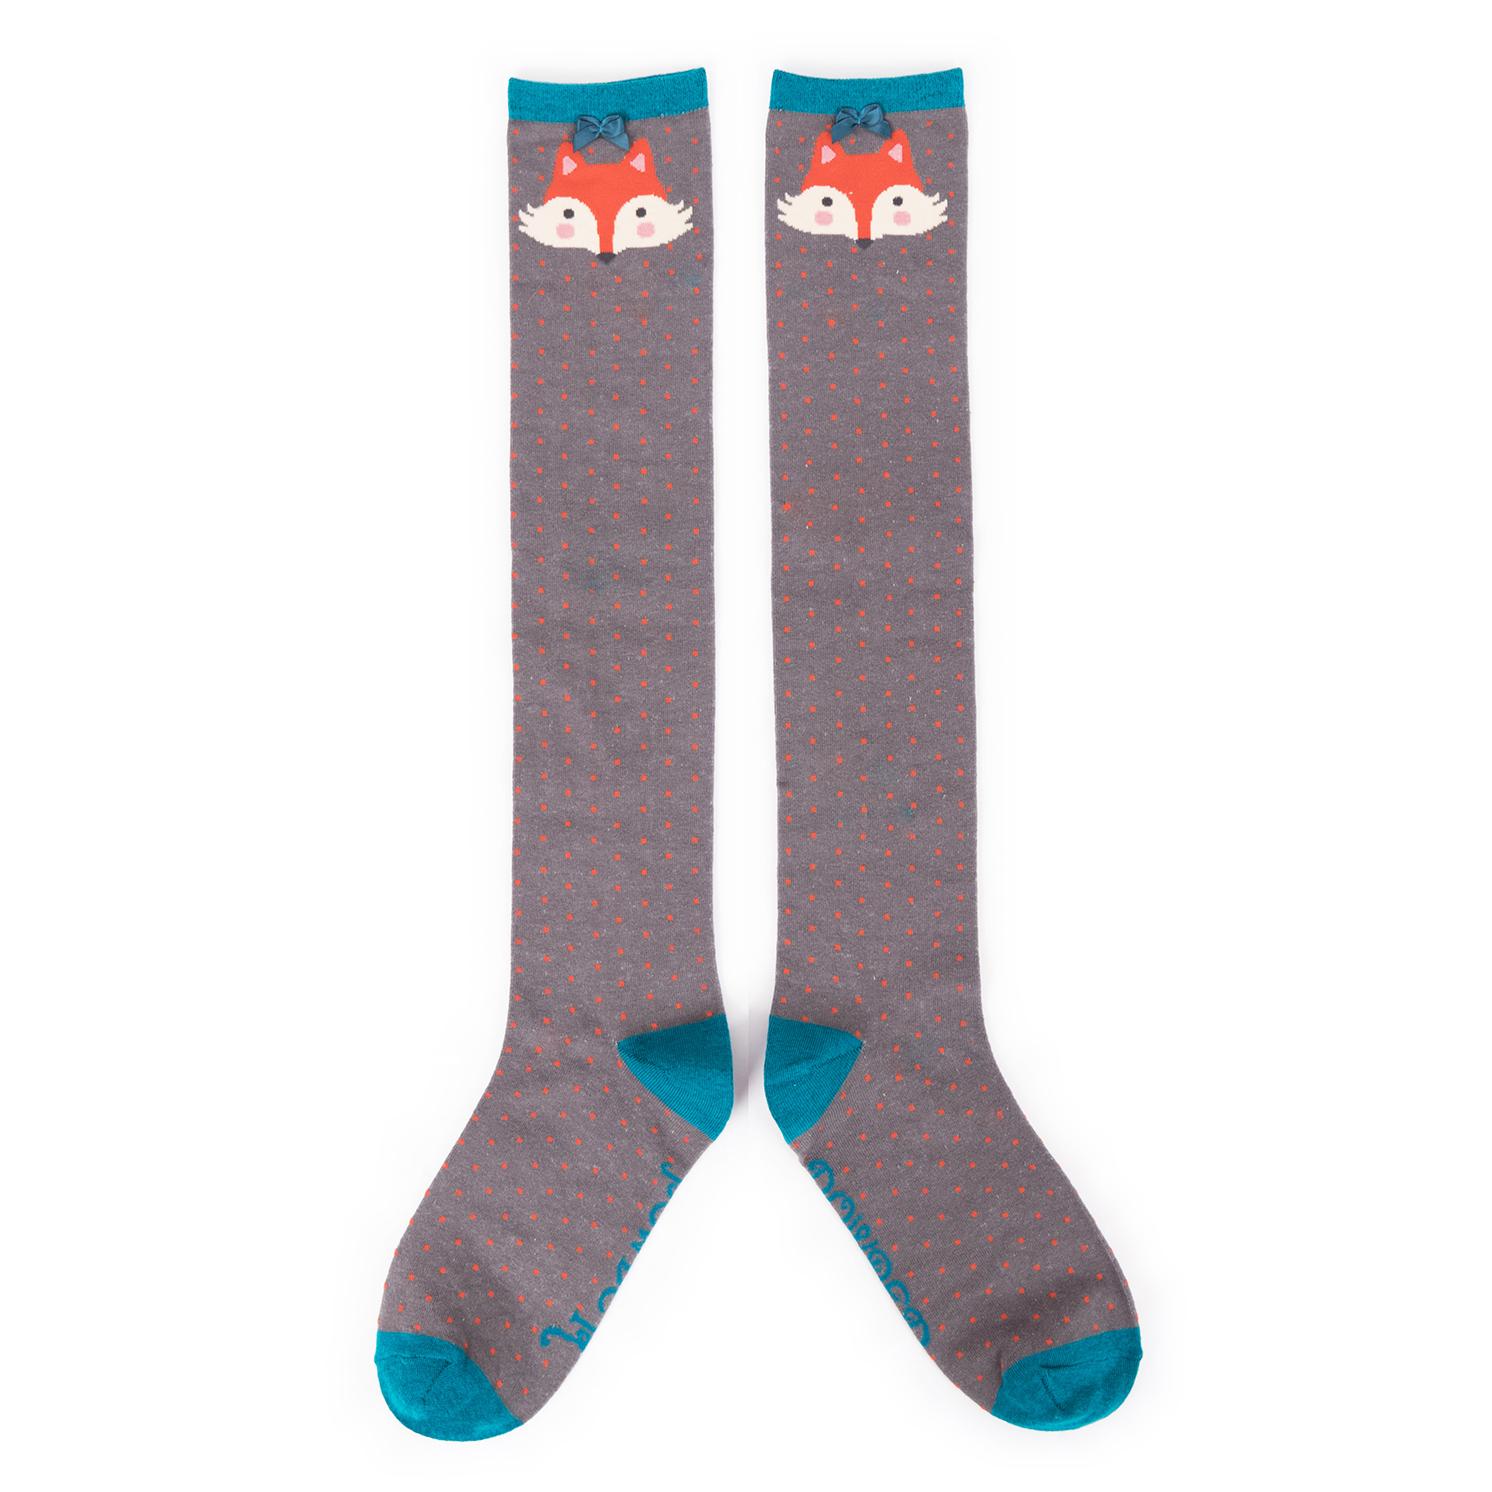 Powder – Charcoal Grey Fox Knee High Socks with Powder Presentation Gift Bag